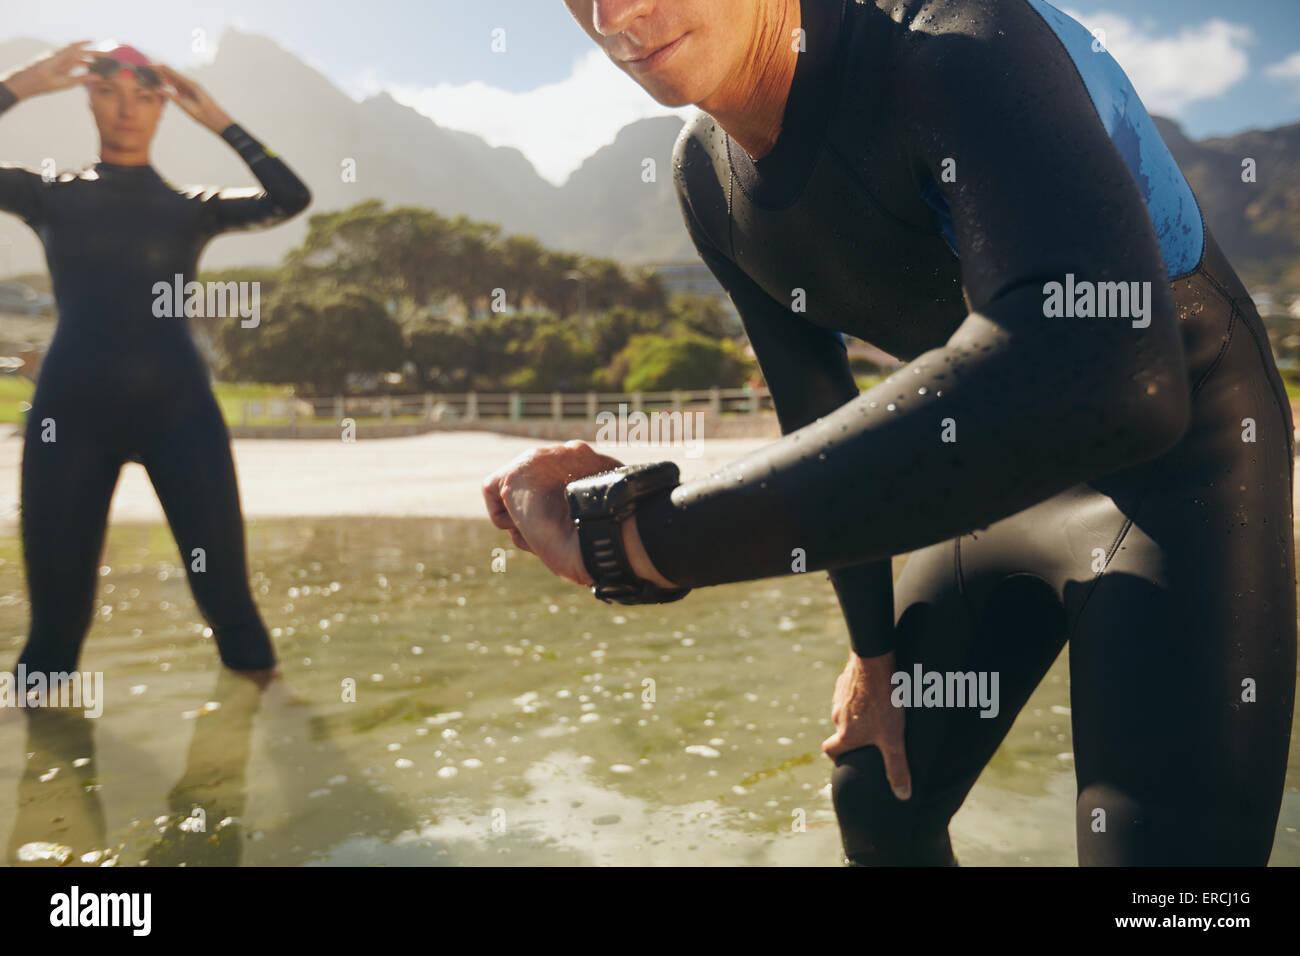 Mann seine Timer prüfen. Athleten in Neoprenanzüge, Triathlon-Wettkampf vorbereiten. Stockbild